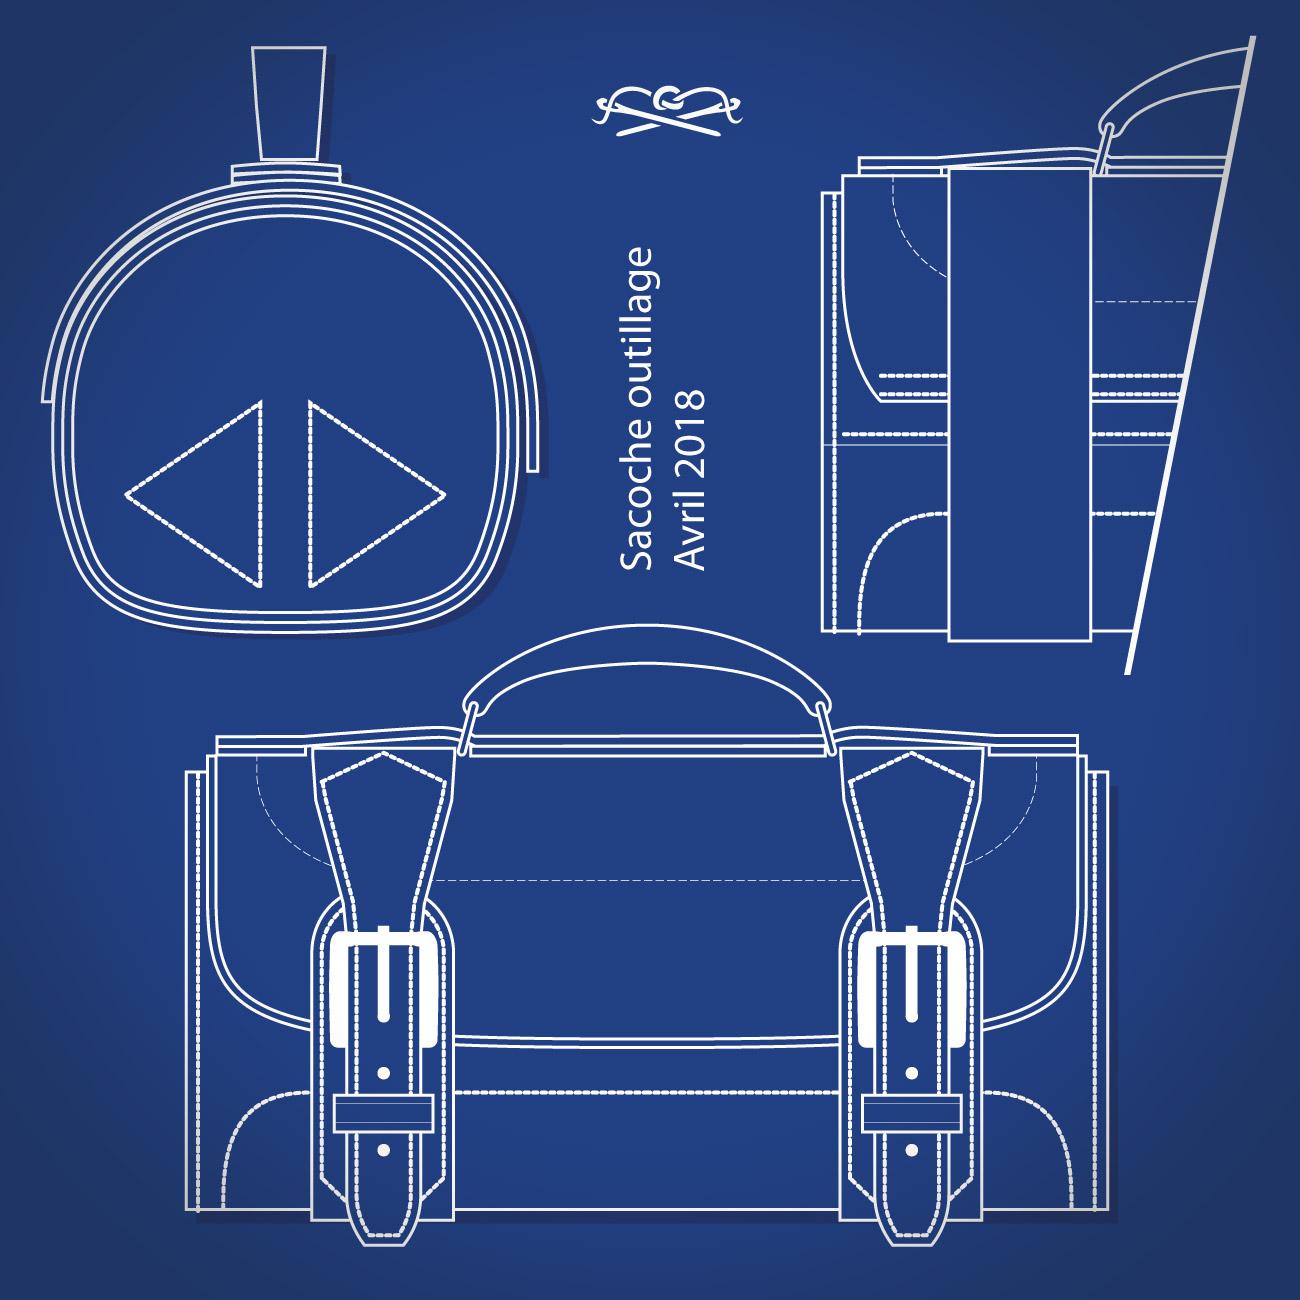 sacoche_outillage_blueprint_HD